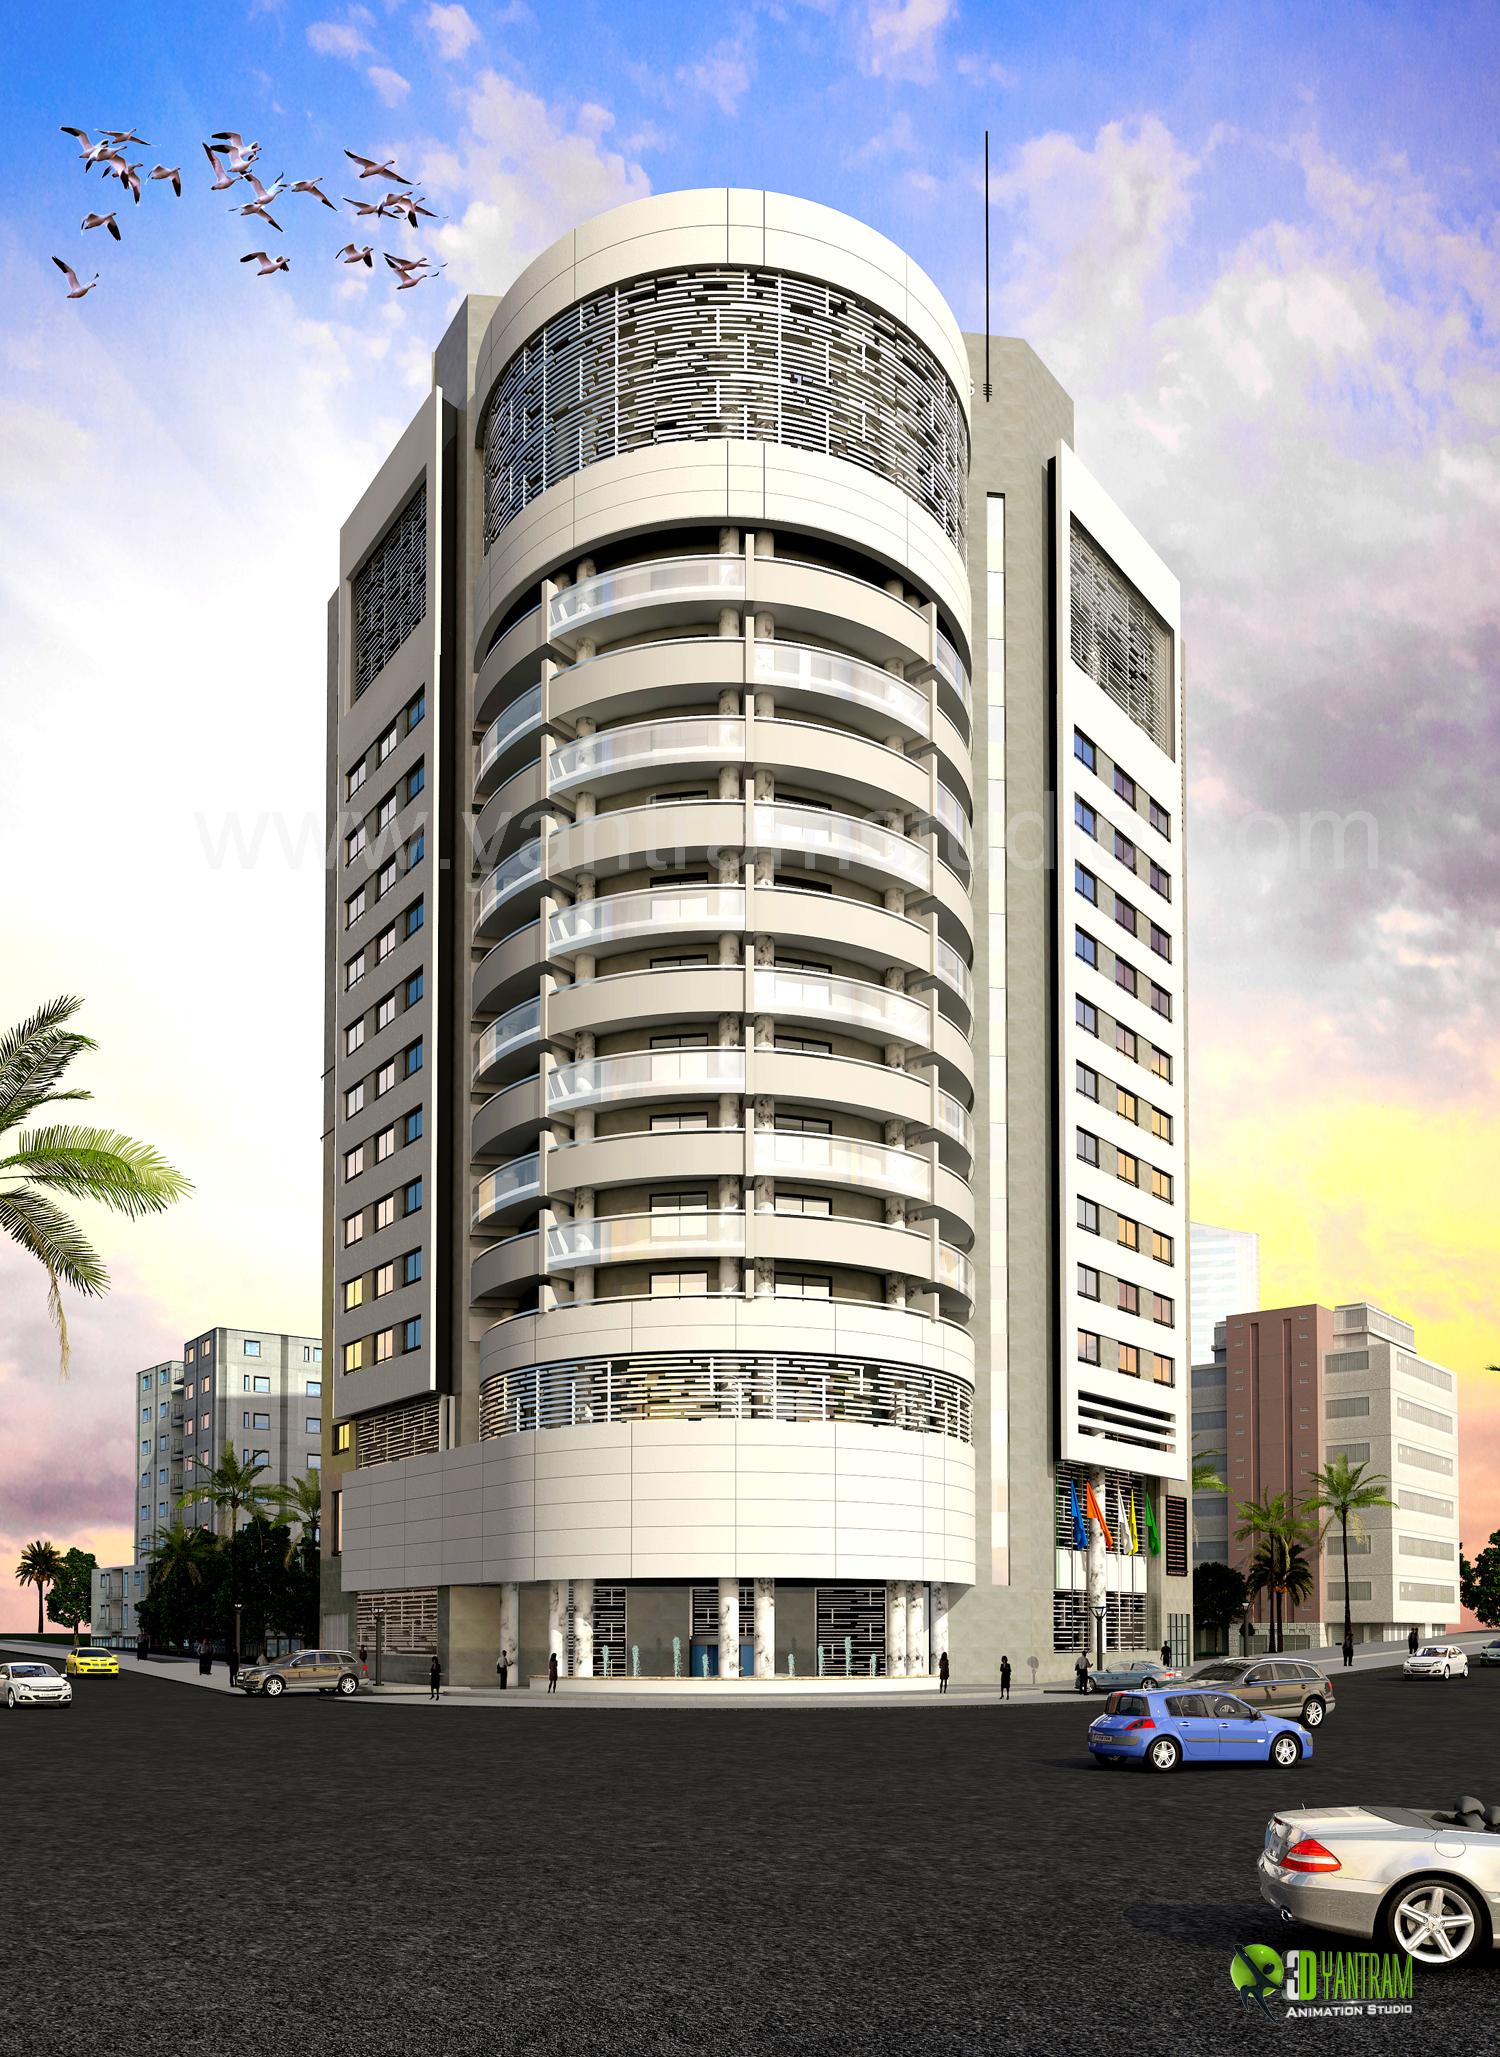 Exterior: 3D Corporate Architectural Exterior Design Rendering